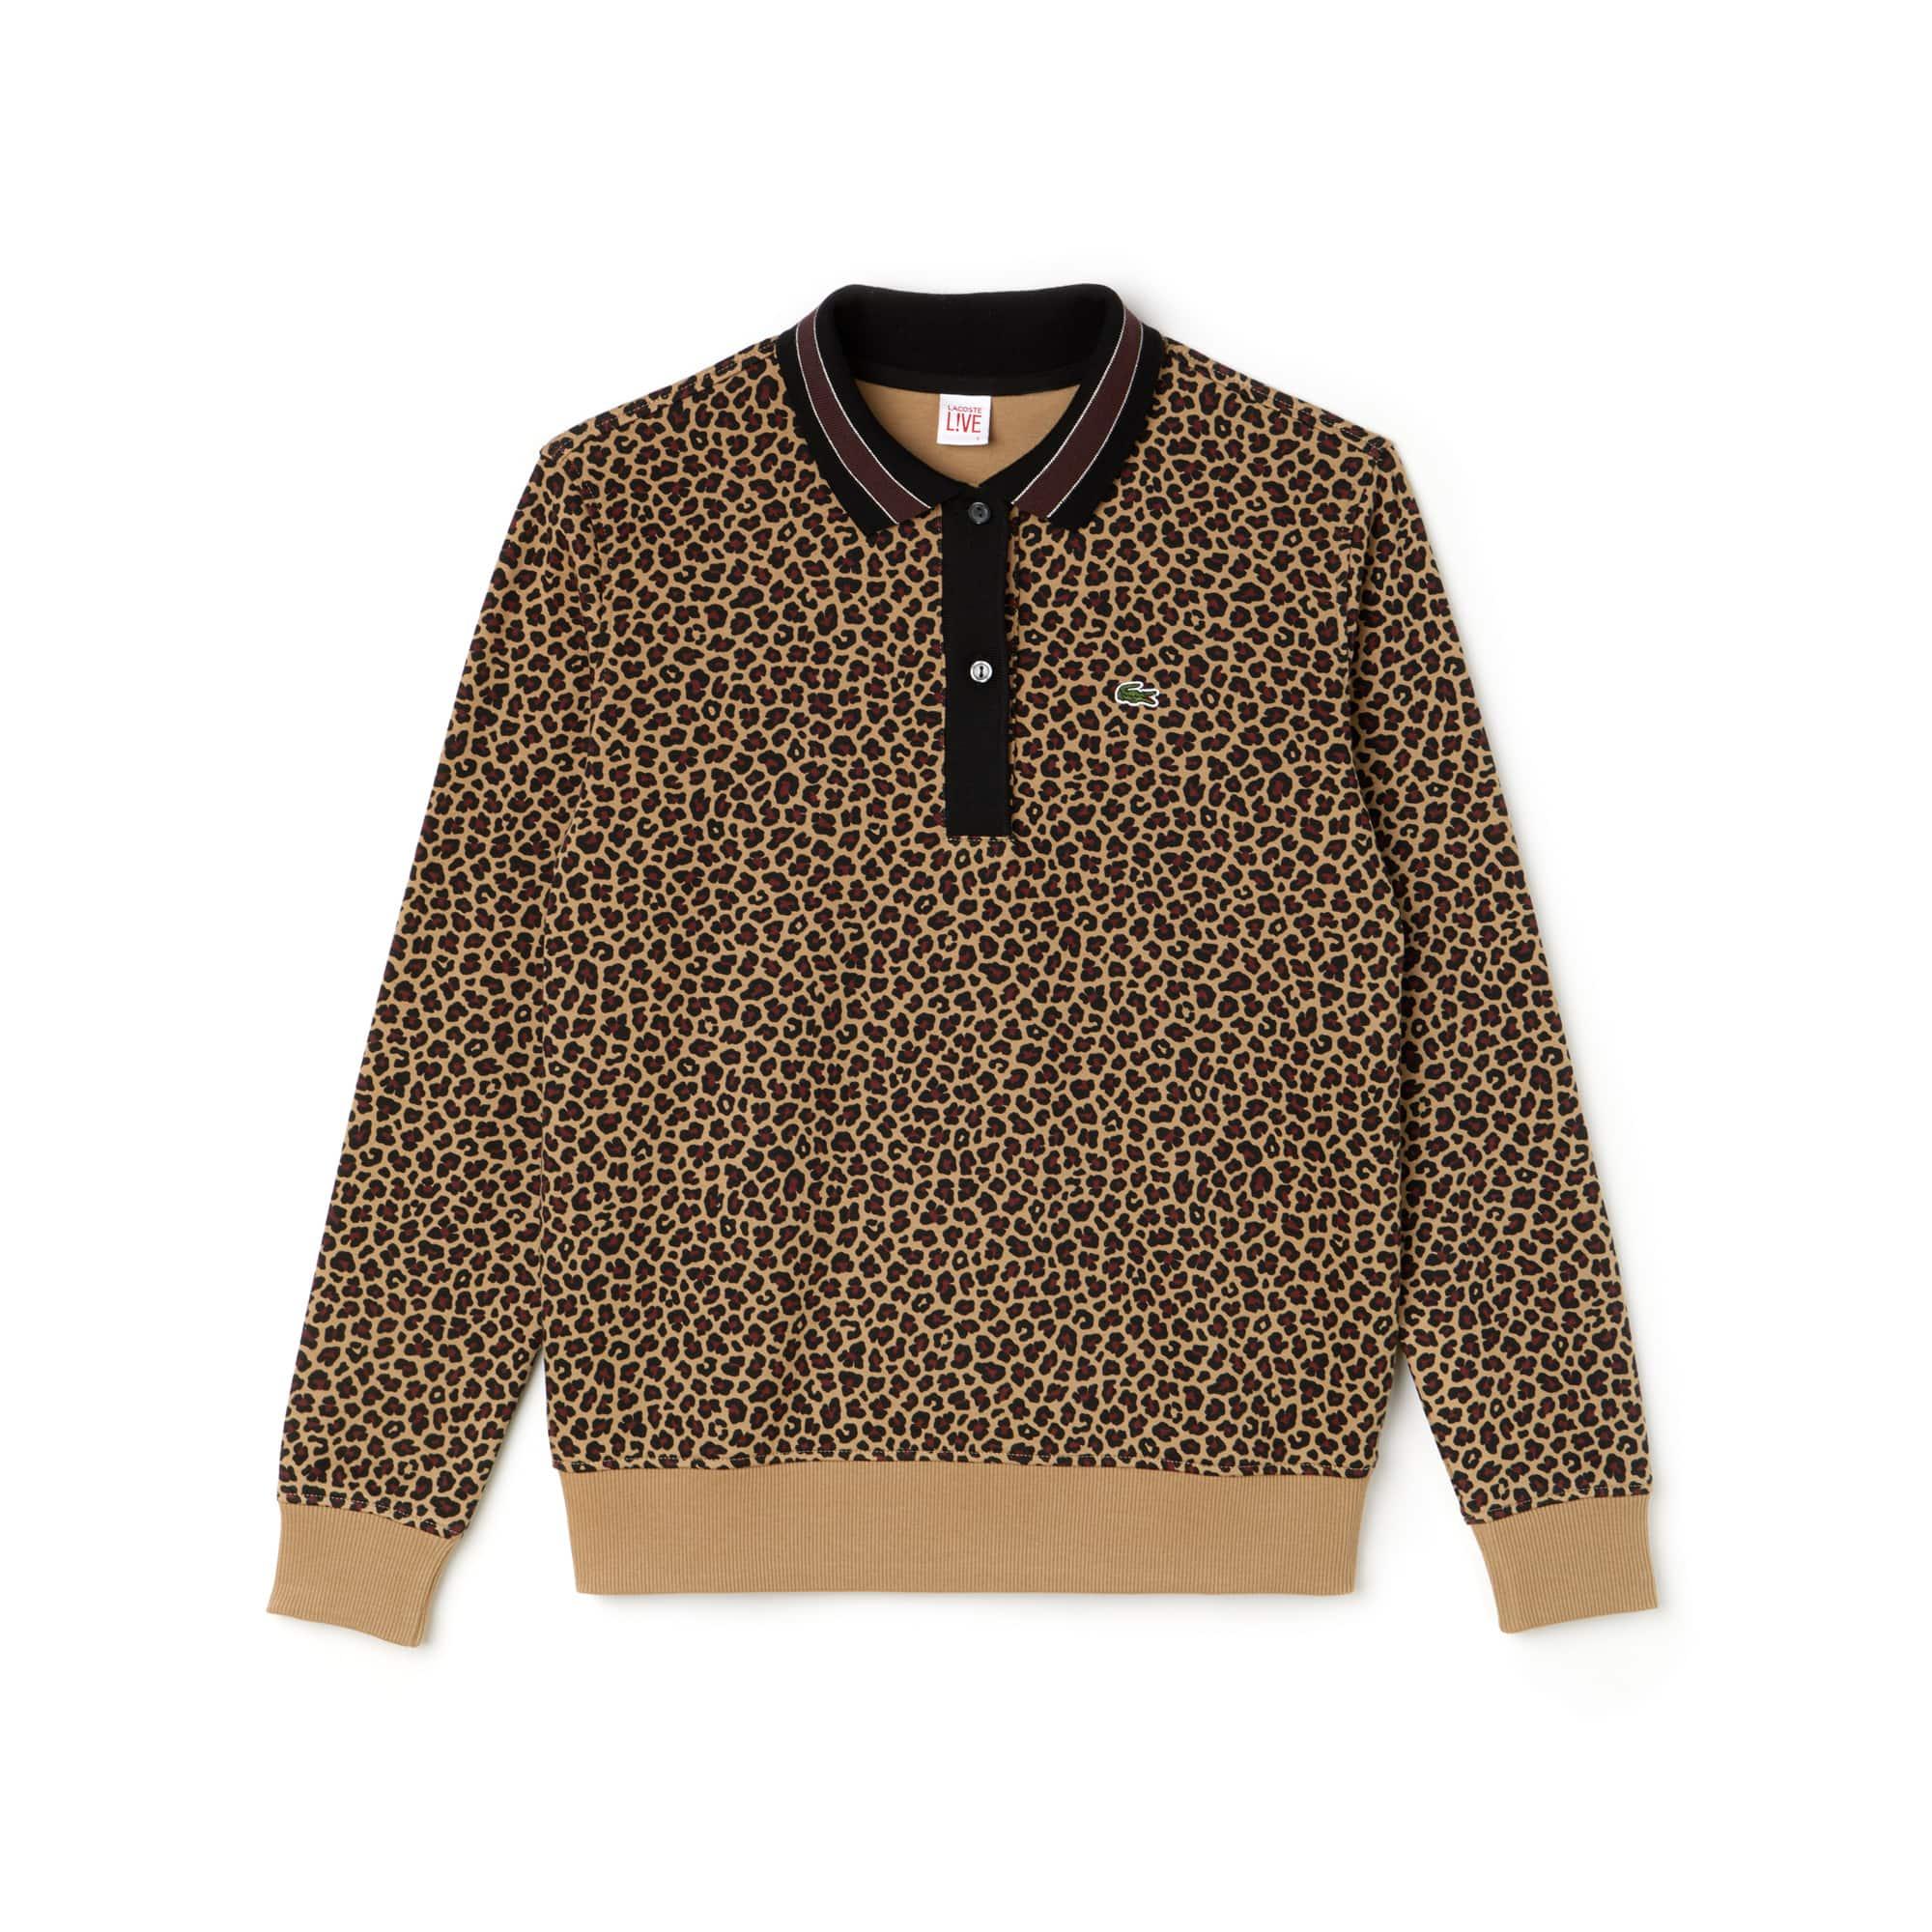 Polo boxy fit Lacoste LIVE in cotone interlock con stampa leopardo